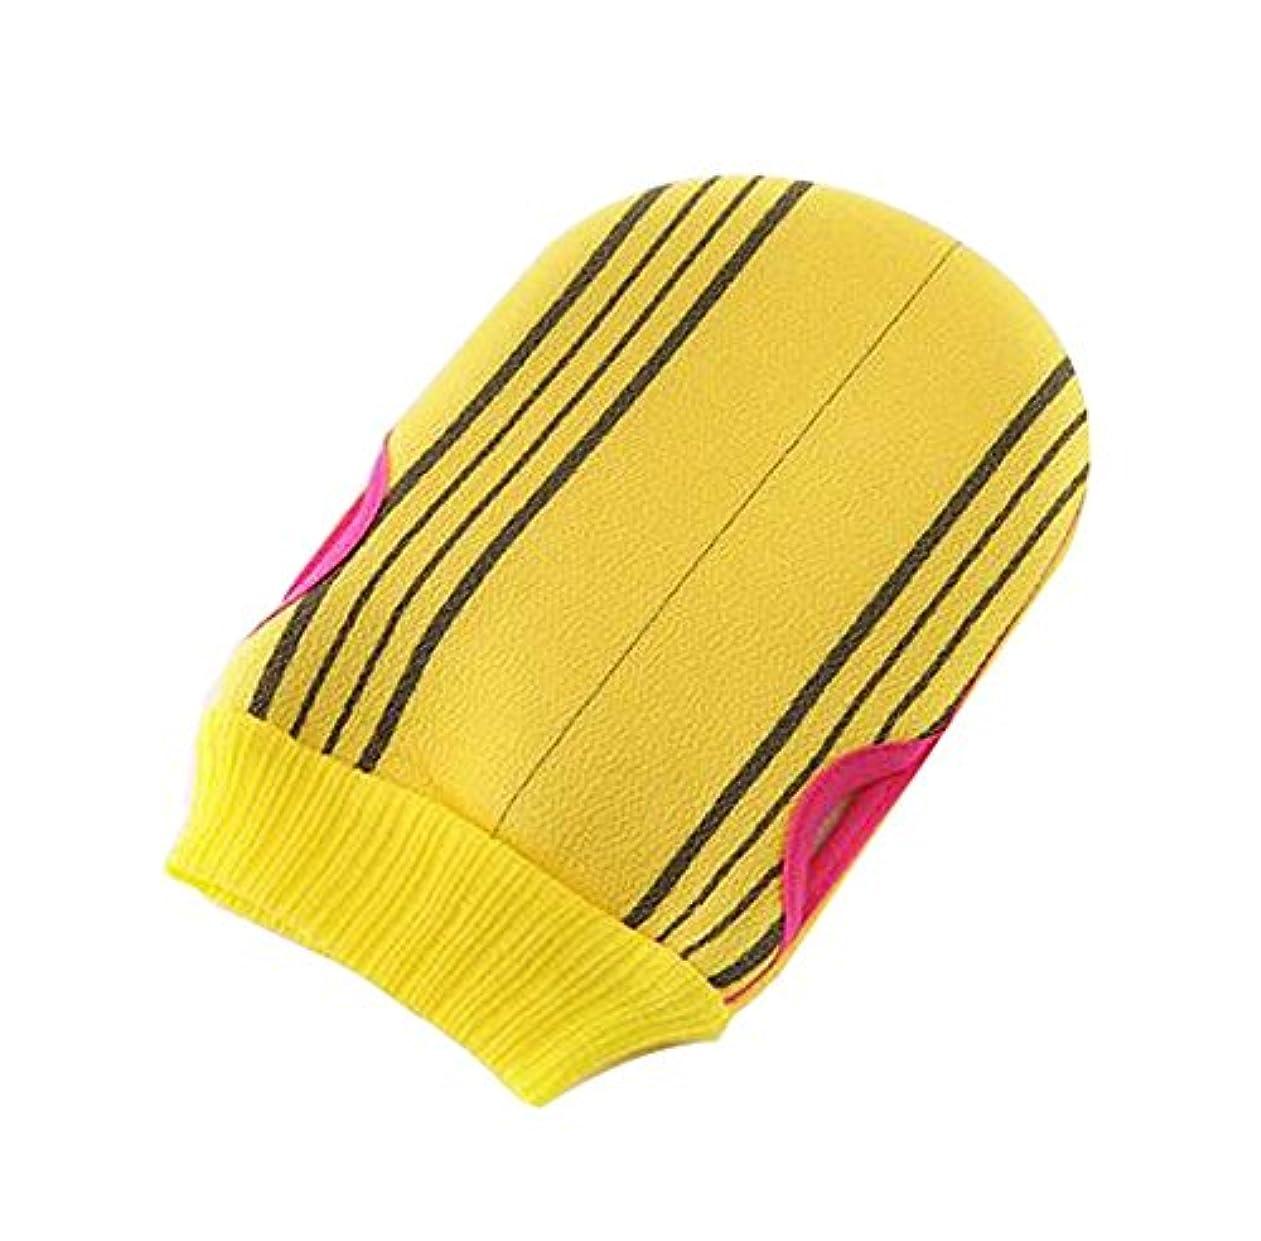 文言ギャラントリー中庭ソフトボディークリーニングバスグローブタオルバス剥離ミトン1枚、黄色